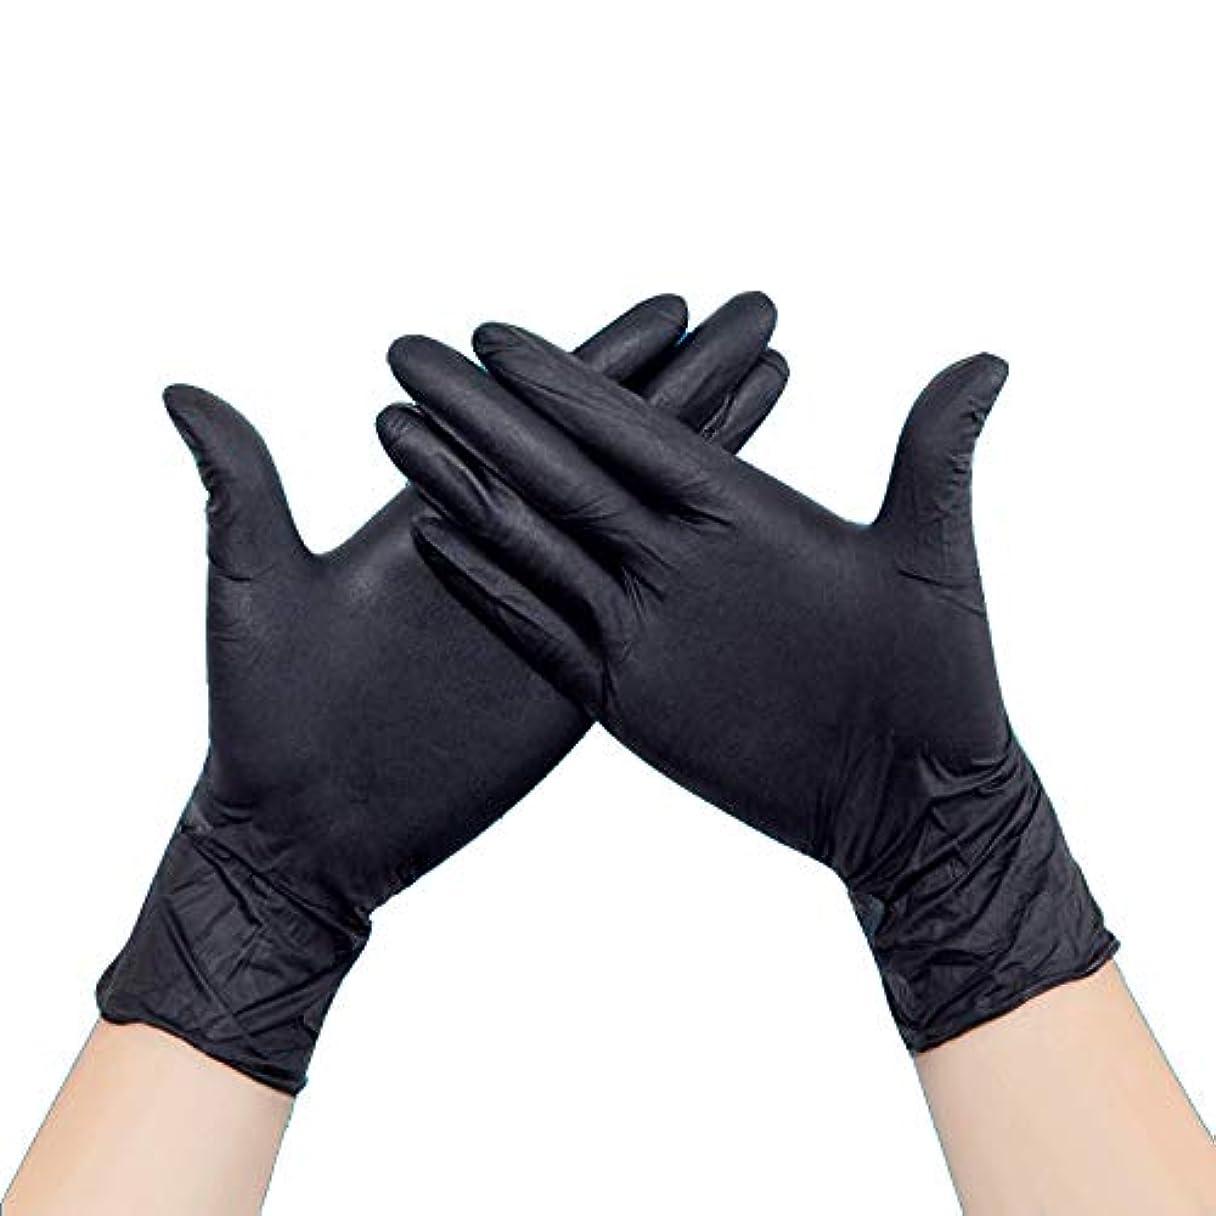 報復シングル驚くばかりニトリル手袋 使い捨て手袋 メカニックグローブ 50枚入 家庭、クリーニング、実験室、ネイルアート ブラック 帯電防止手袋 左右兼用